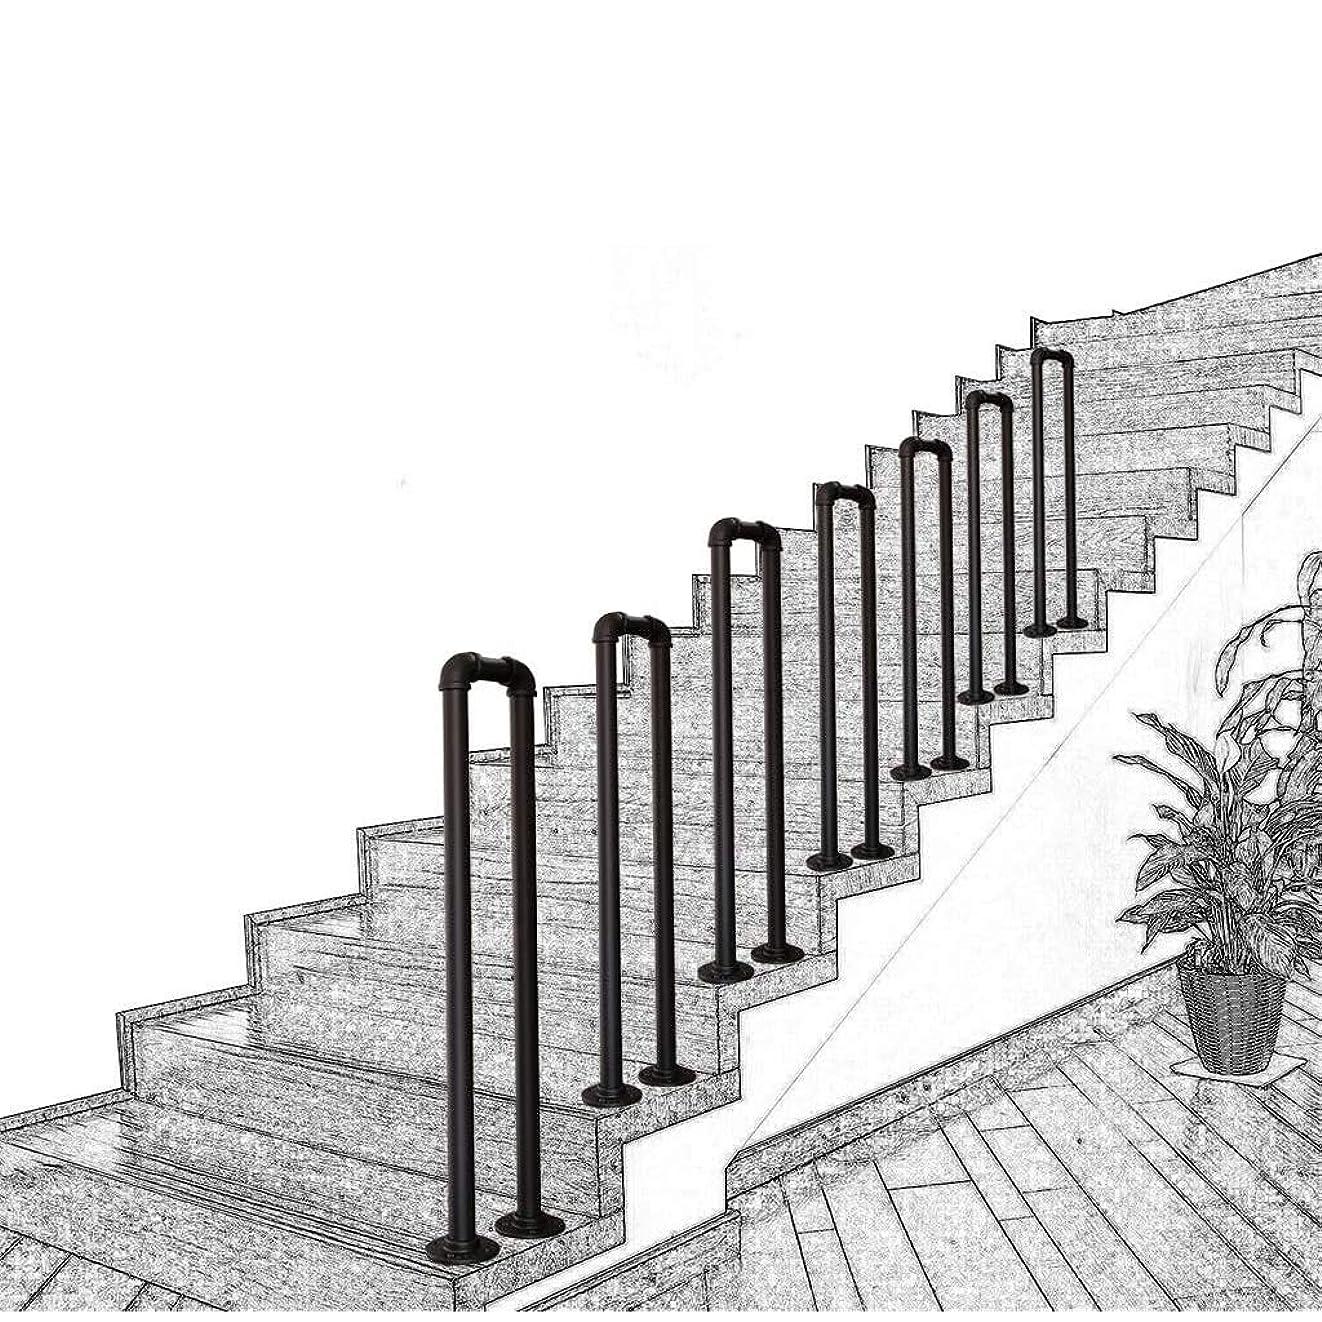 欠員茎酒玄関 階段 回廊 ロフト U字型すべり止め錬鉄パイプ階段の手すり 安全バニスターサポートバー 立ち上がり補助 屋内および屋外用 高齢者の子供 安全?安心 転倒防止 頑丈 錬鉄製の亜鉛メッキパイプ階段の手すり 取り付けが簡単 長さを選択 45cm-95cm レトロバー古い階段 静電無し